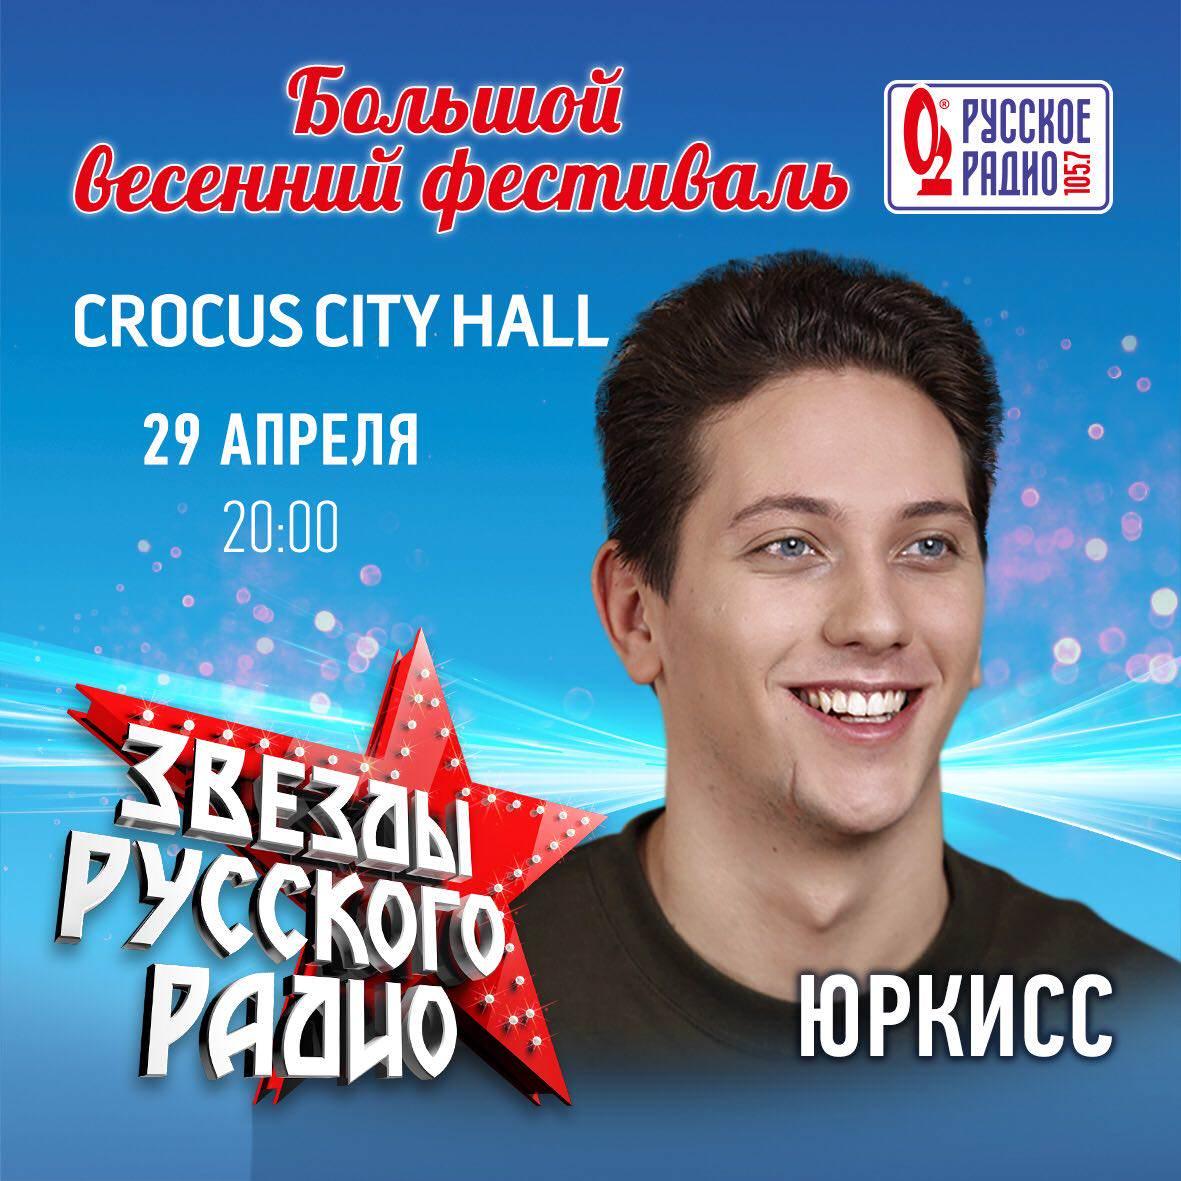 Большой весенний фестиваль Звёзды Русского Радио